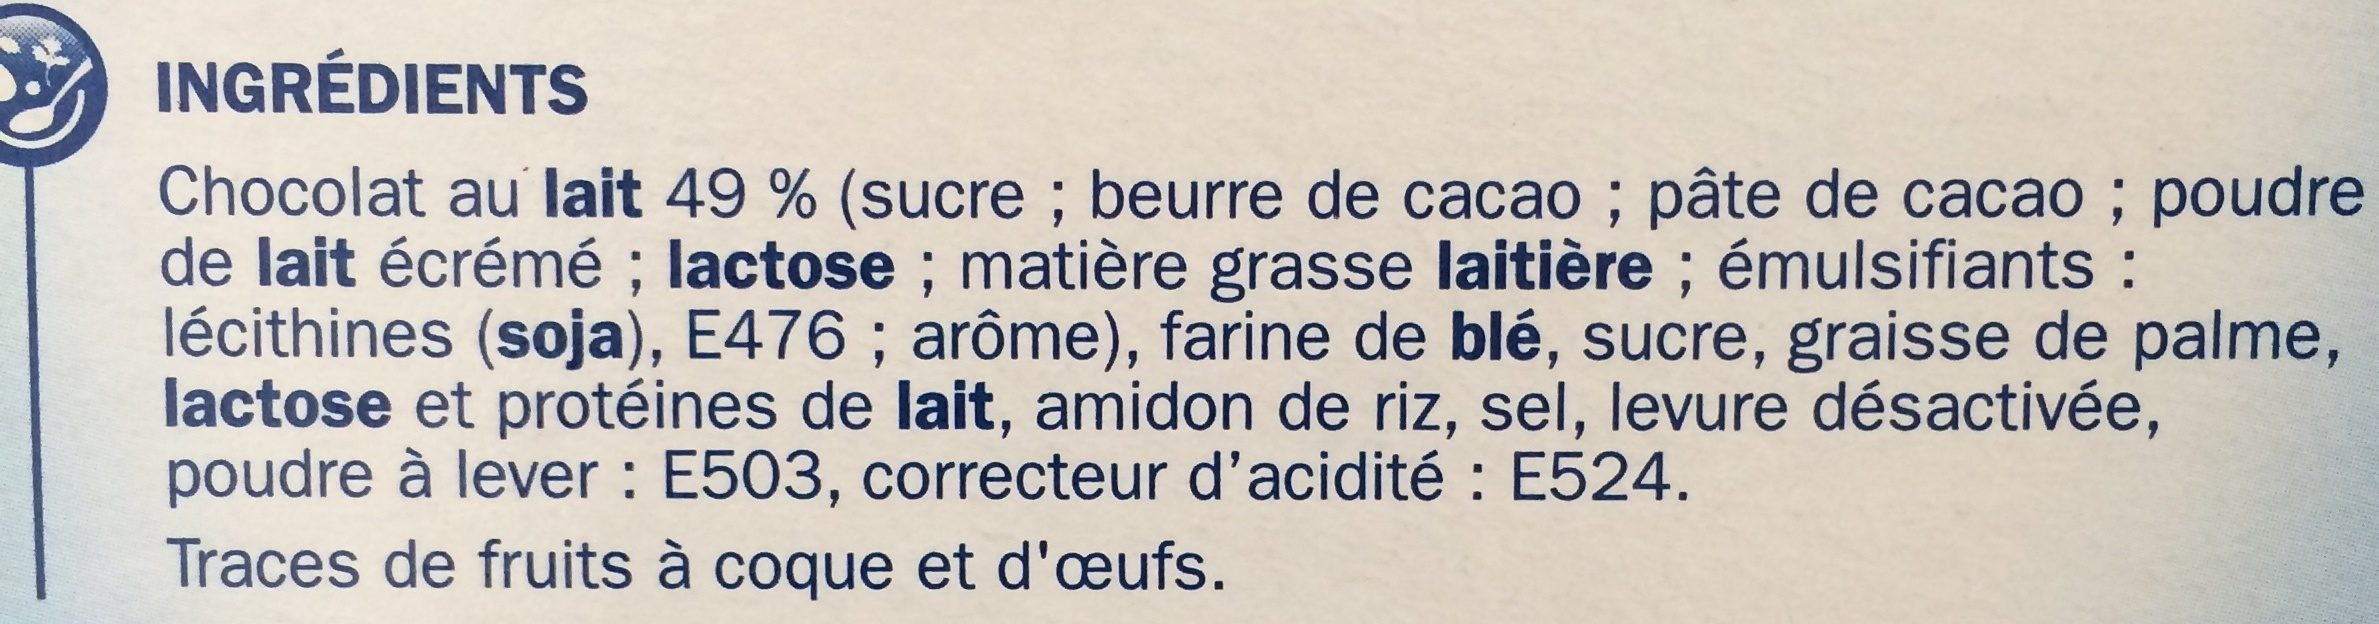 Bâtonnets torsadés chocolat au lait - Ingrédients - fr